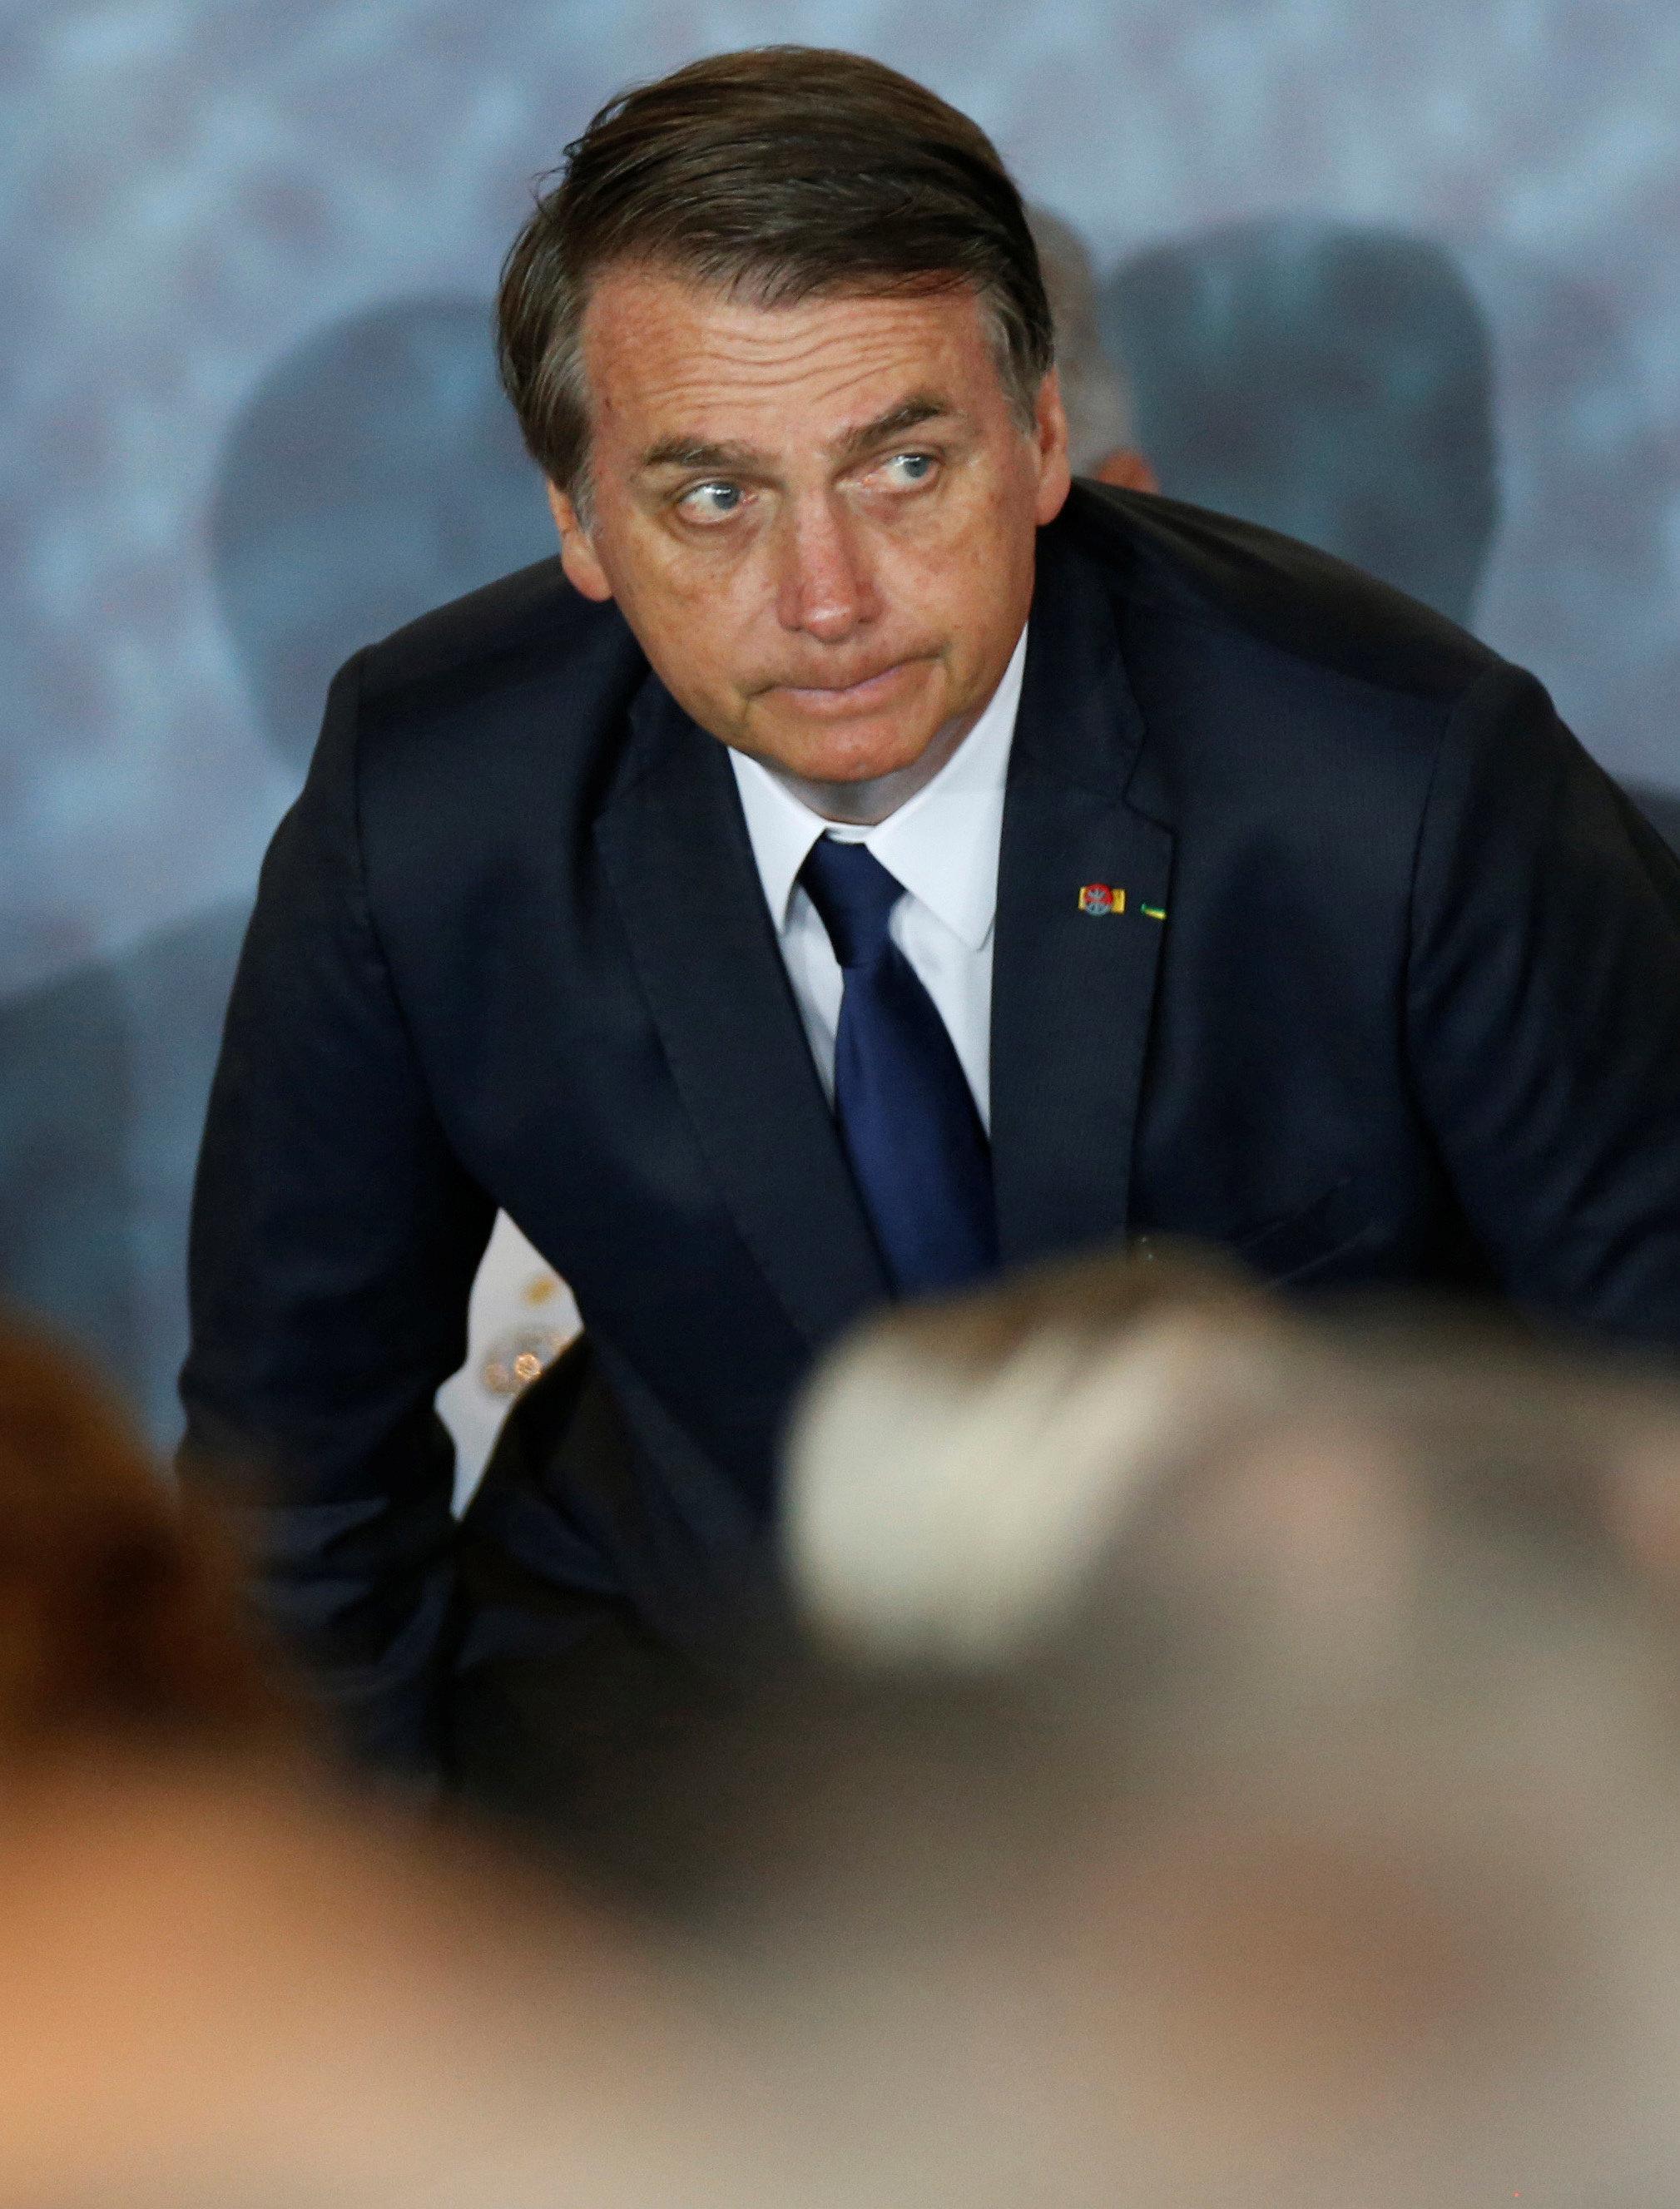 Estratégia de Bolsonaro, que inclui fake news e ataques à imprensa, é